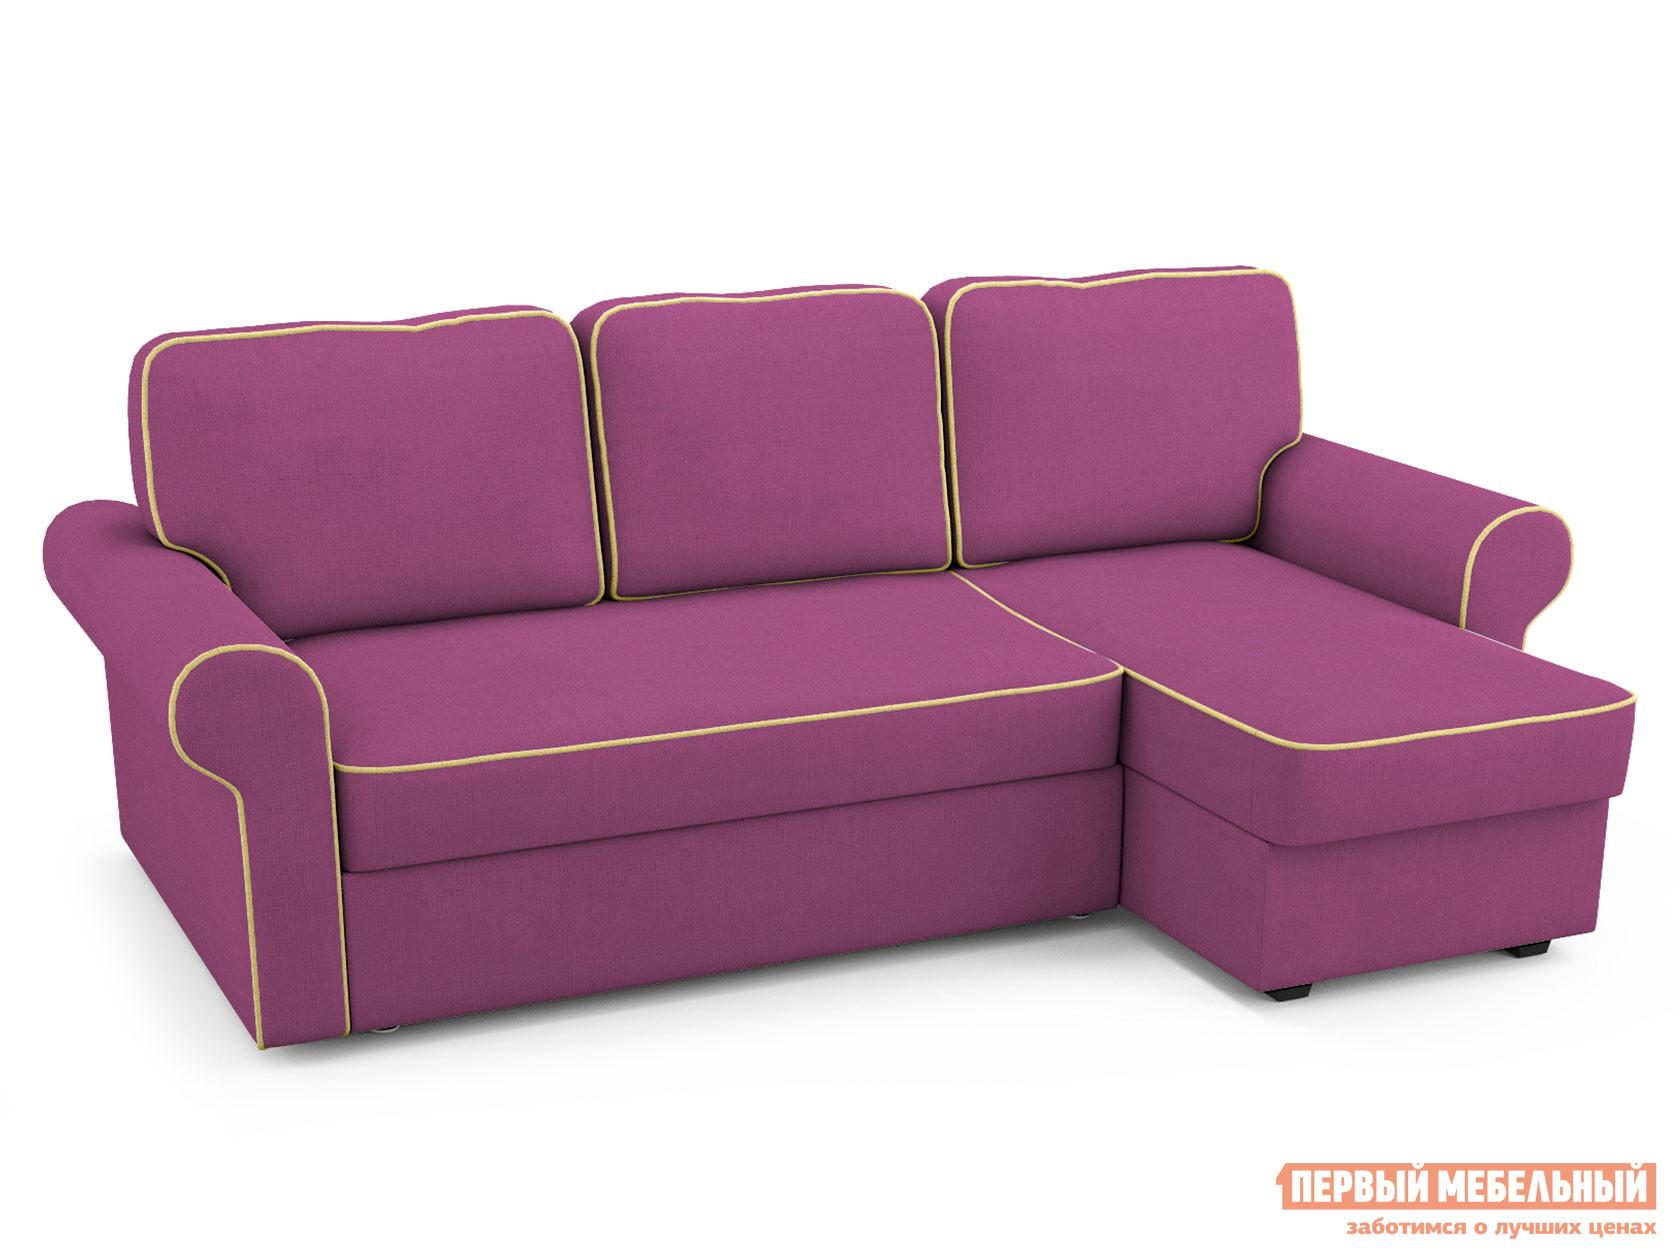 Угловой диван Первый Мебельный Угловой диван Ривьера У